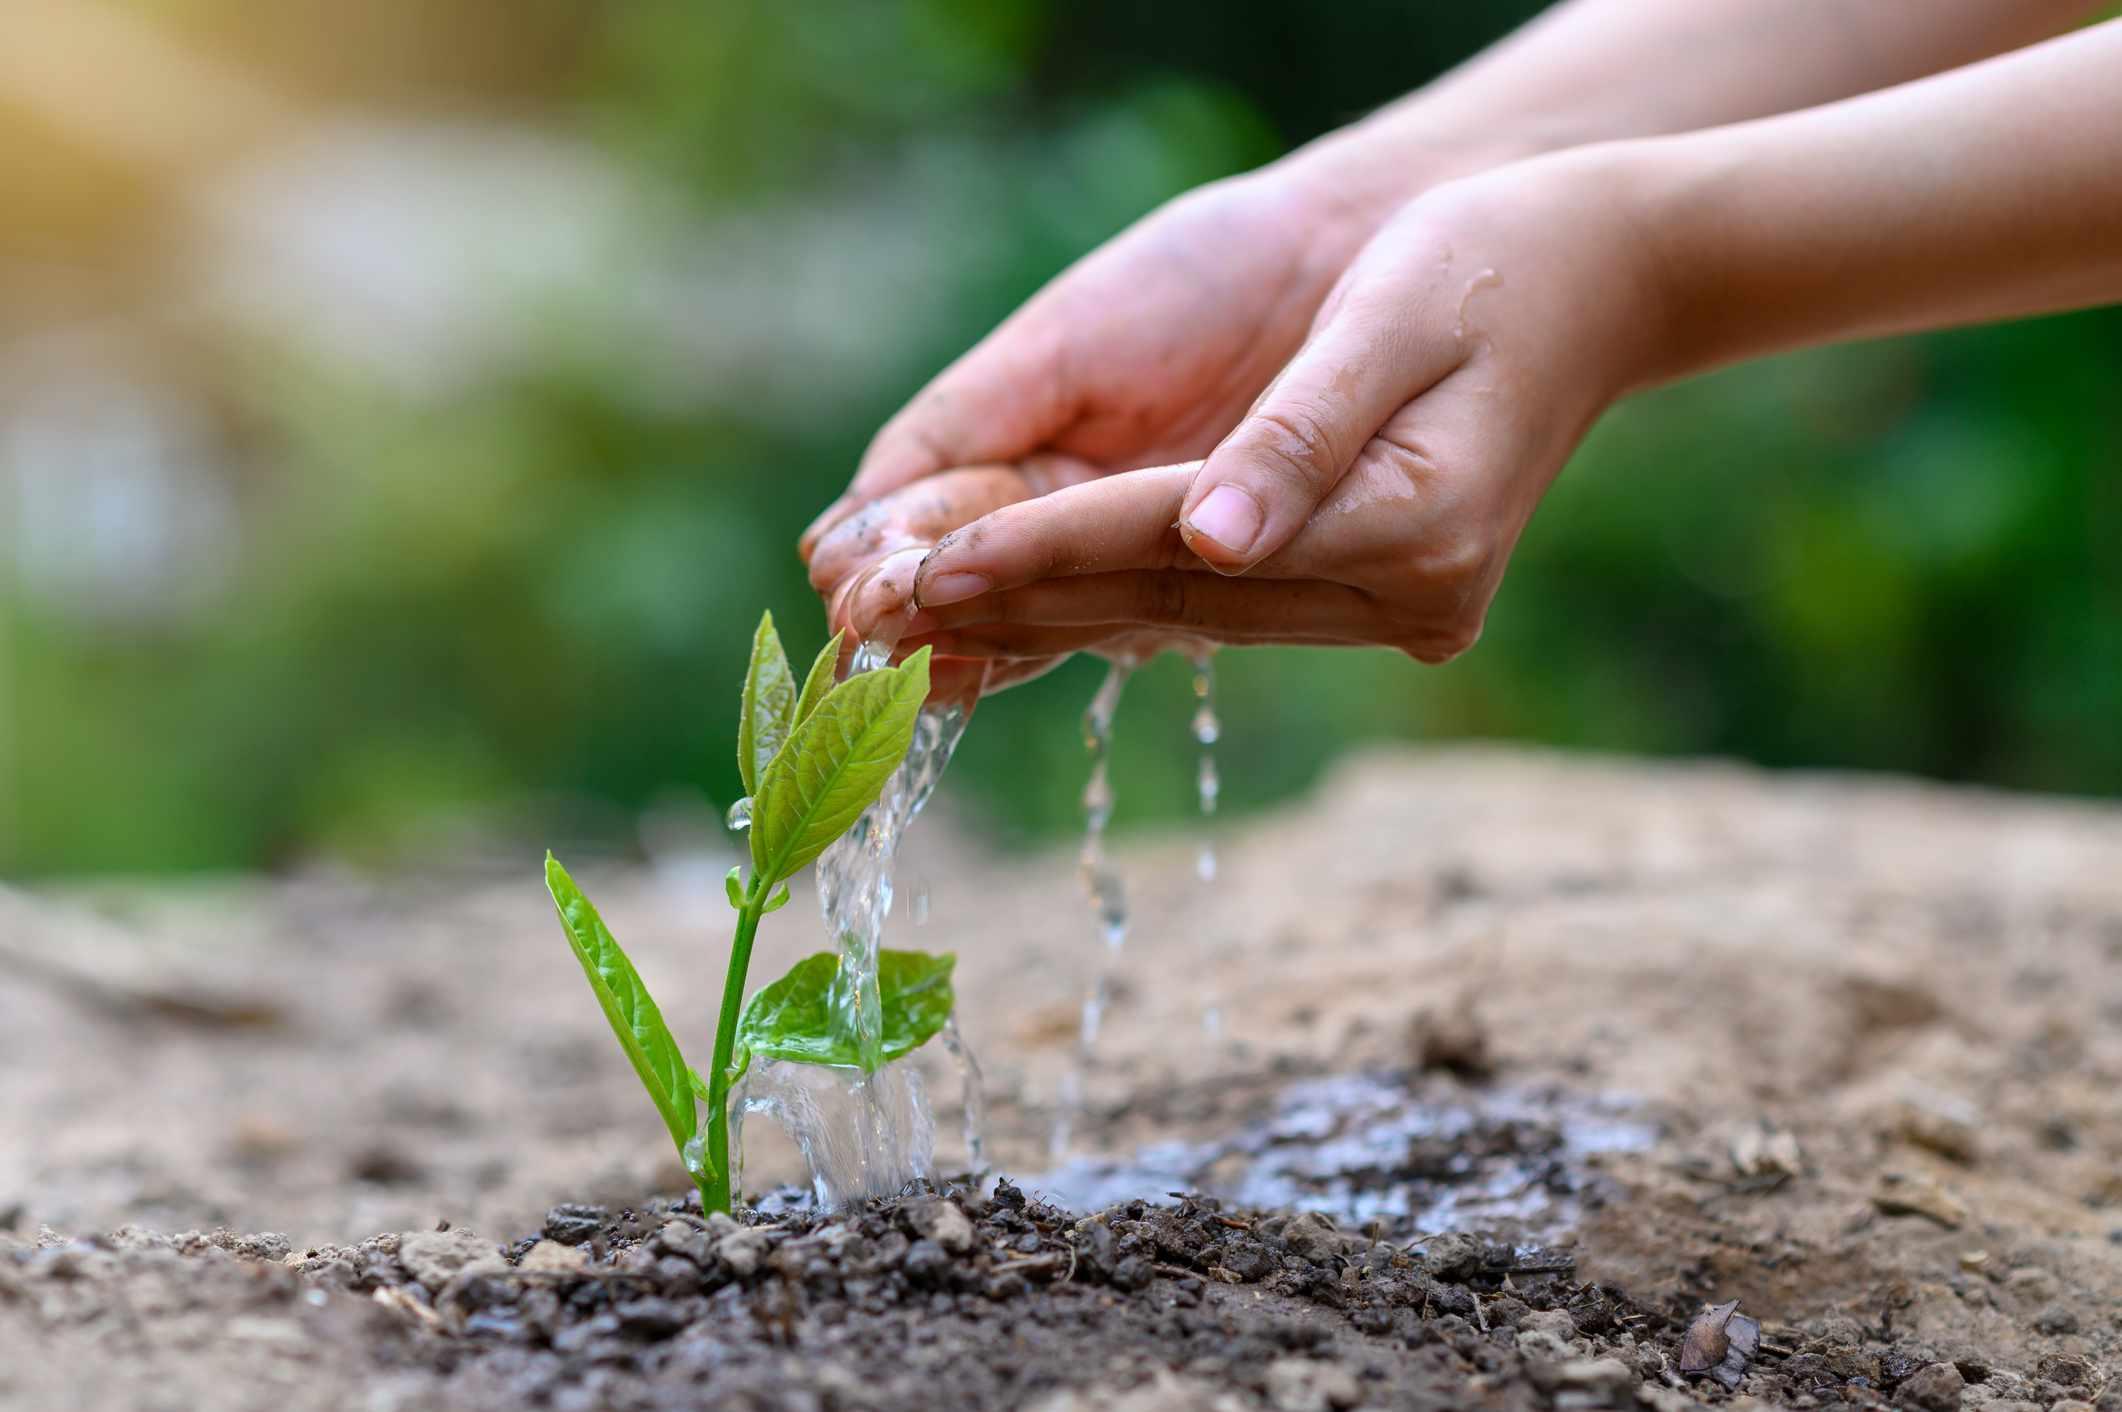 Hands watering freshly planted seedlings